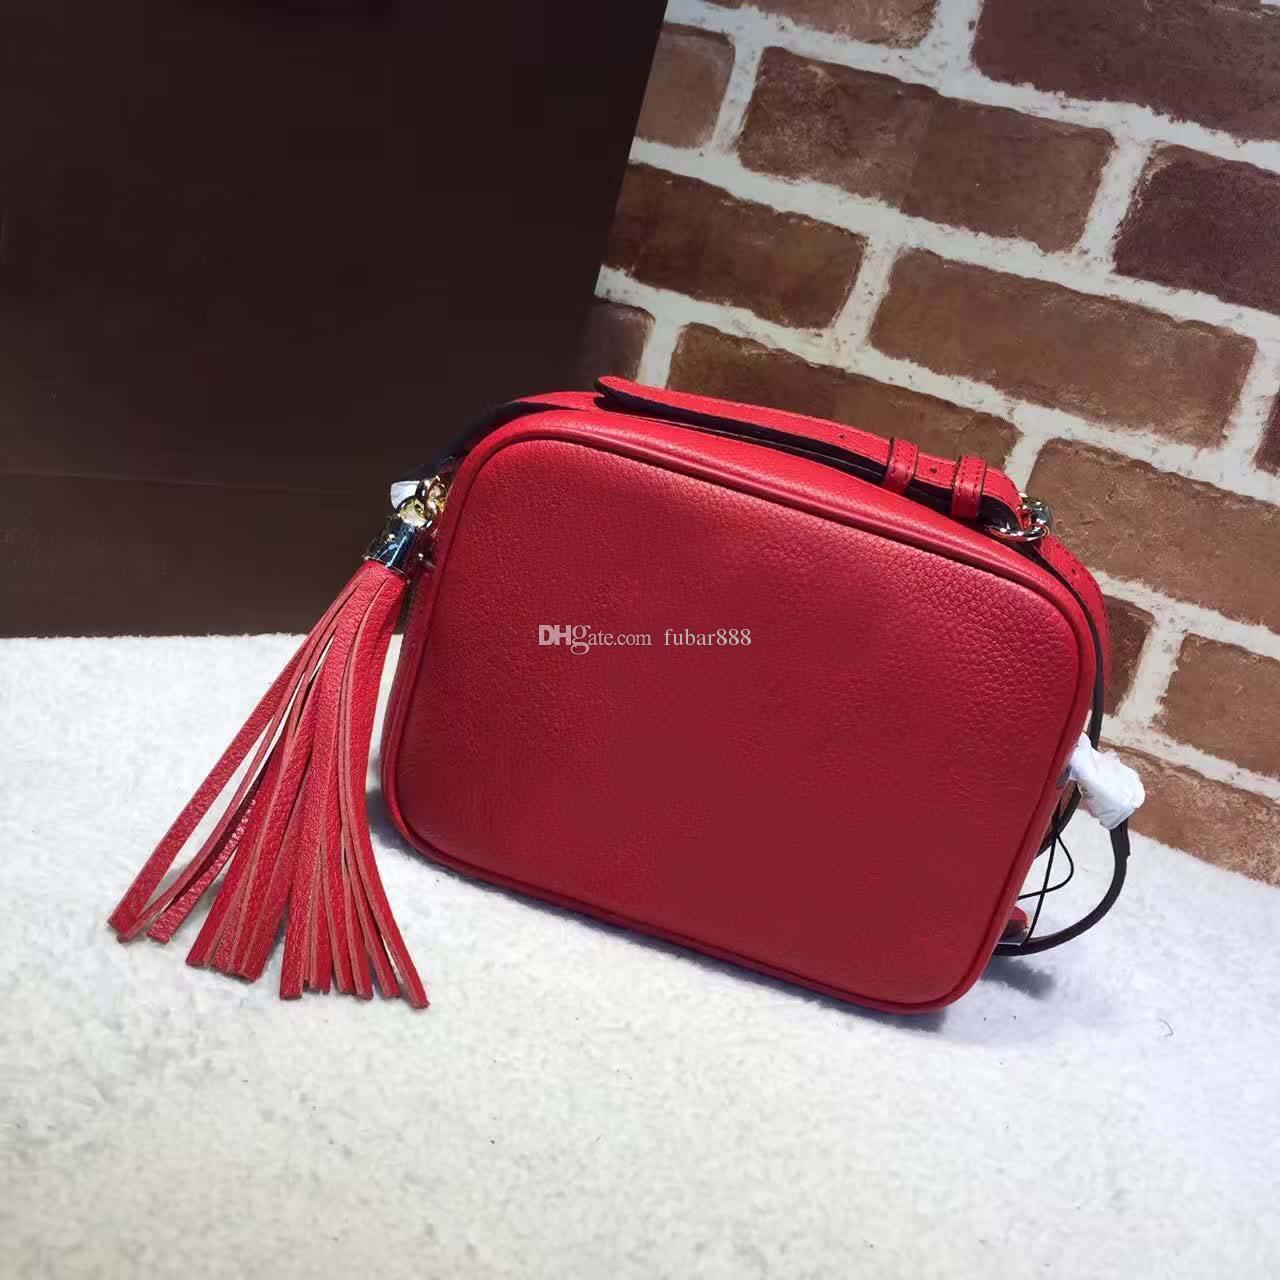 Ücretsiz nakliye! Sıcak Moda tasarımı omuz çantası bayan Litchi profil kadınlar haberci çanta% 100 hakiki deri çanta 308.364 püskül